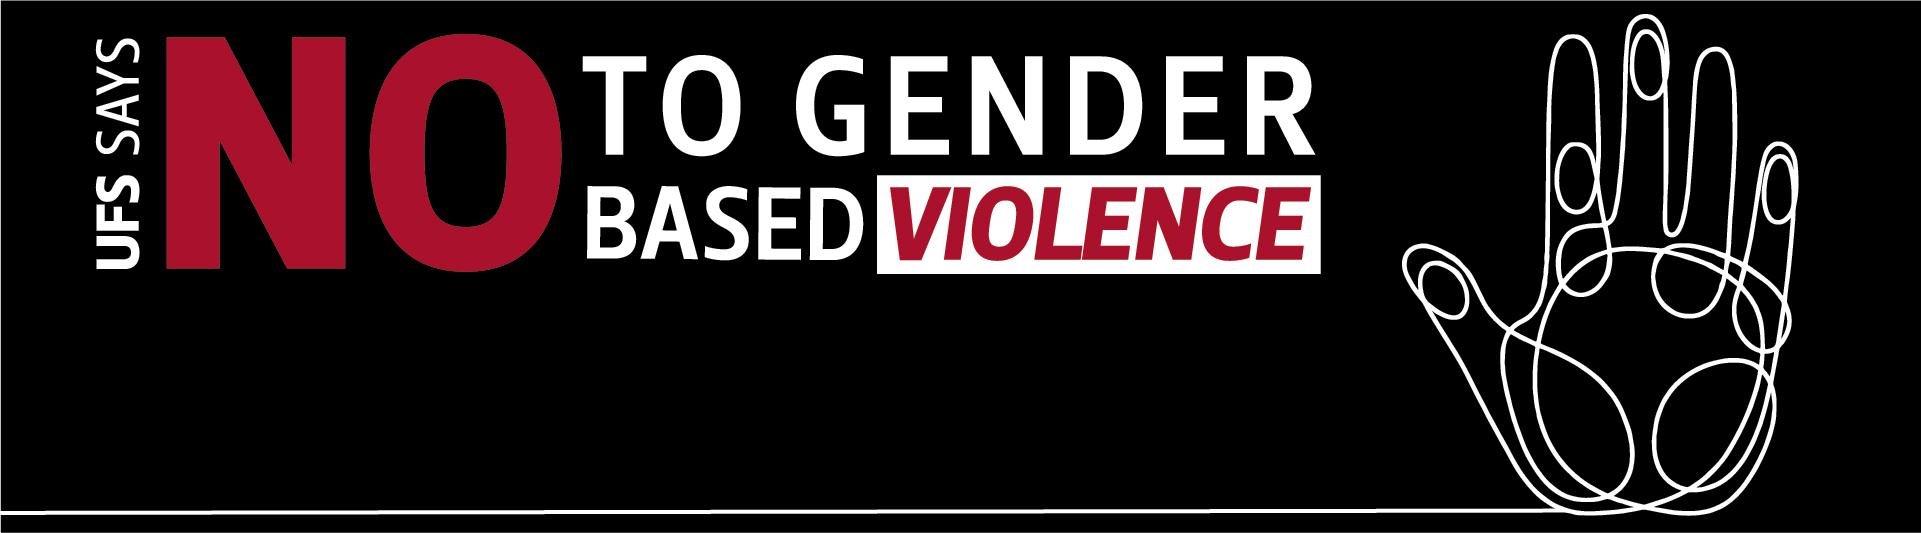 Gender based